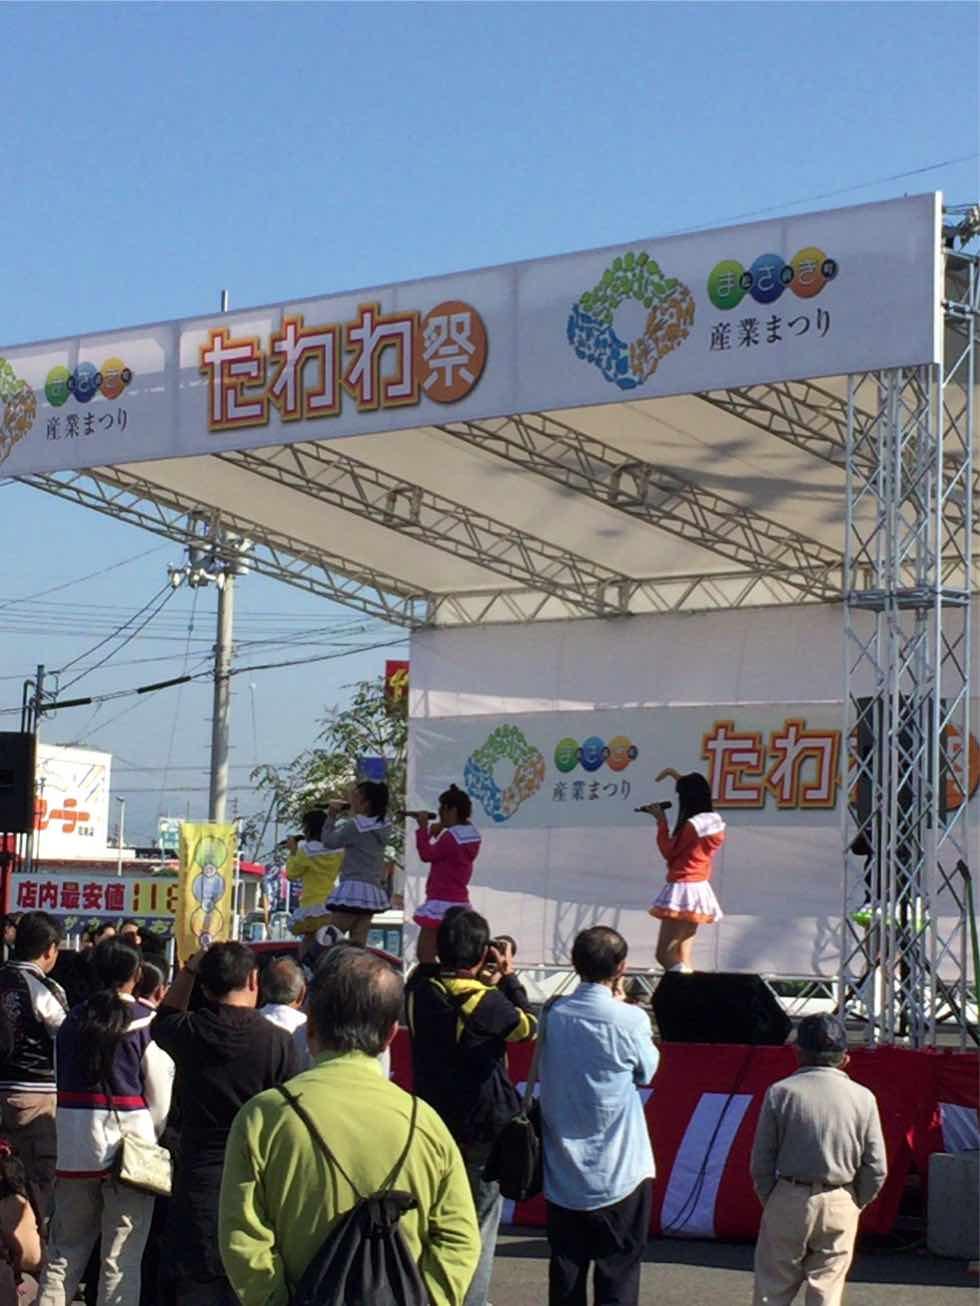 たわわ祭り  @エミフルMASAKI